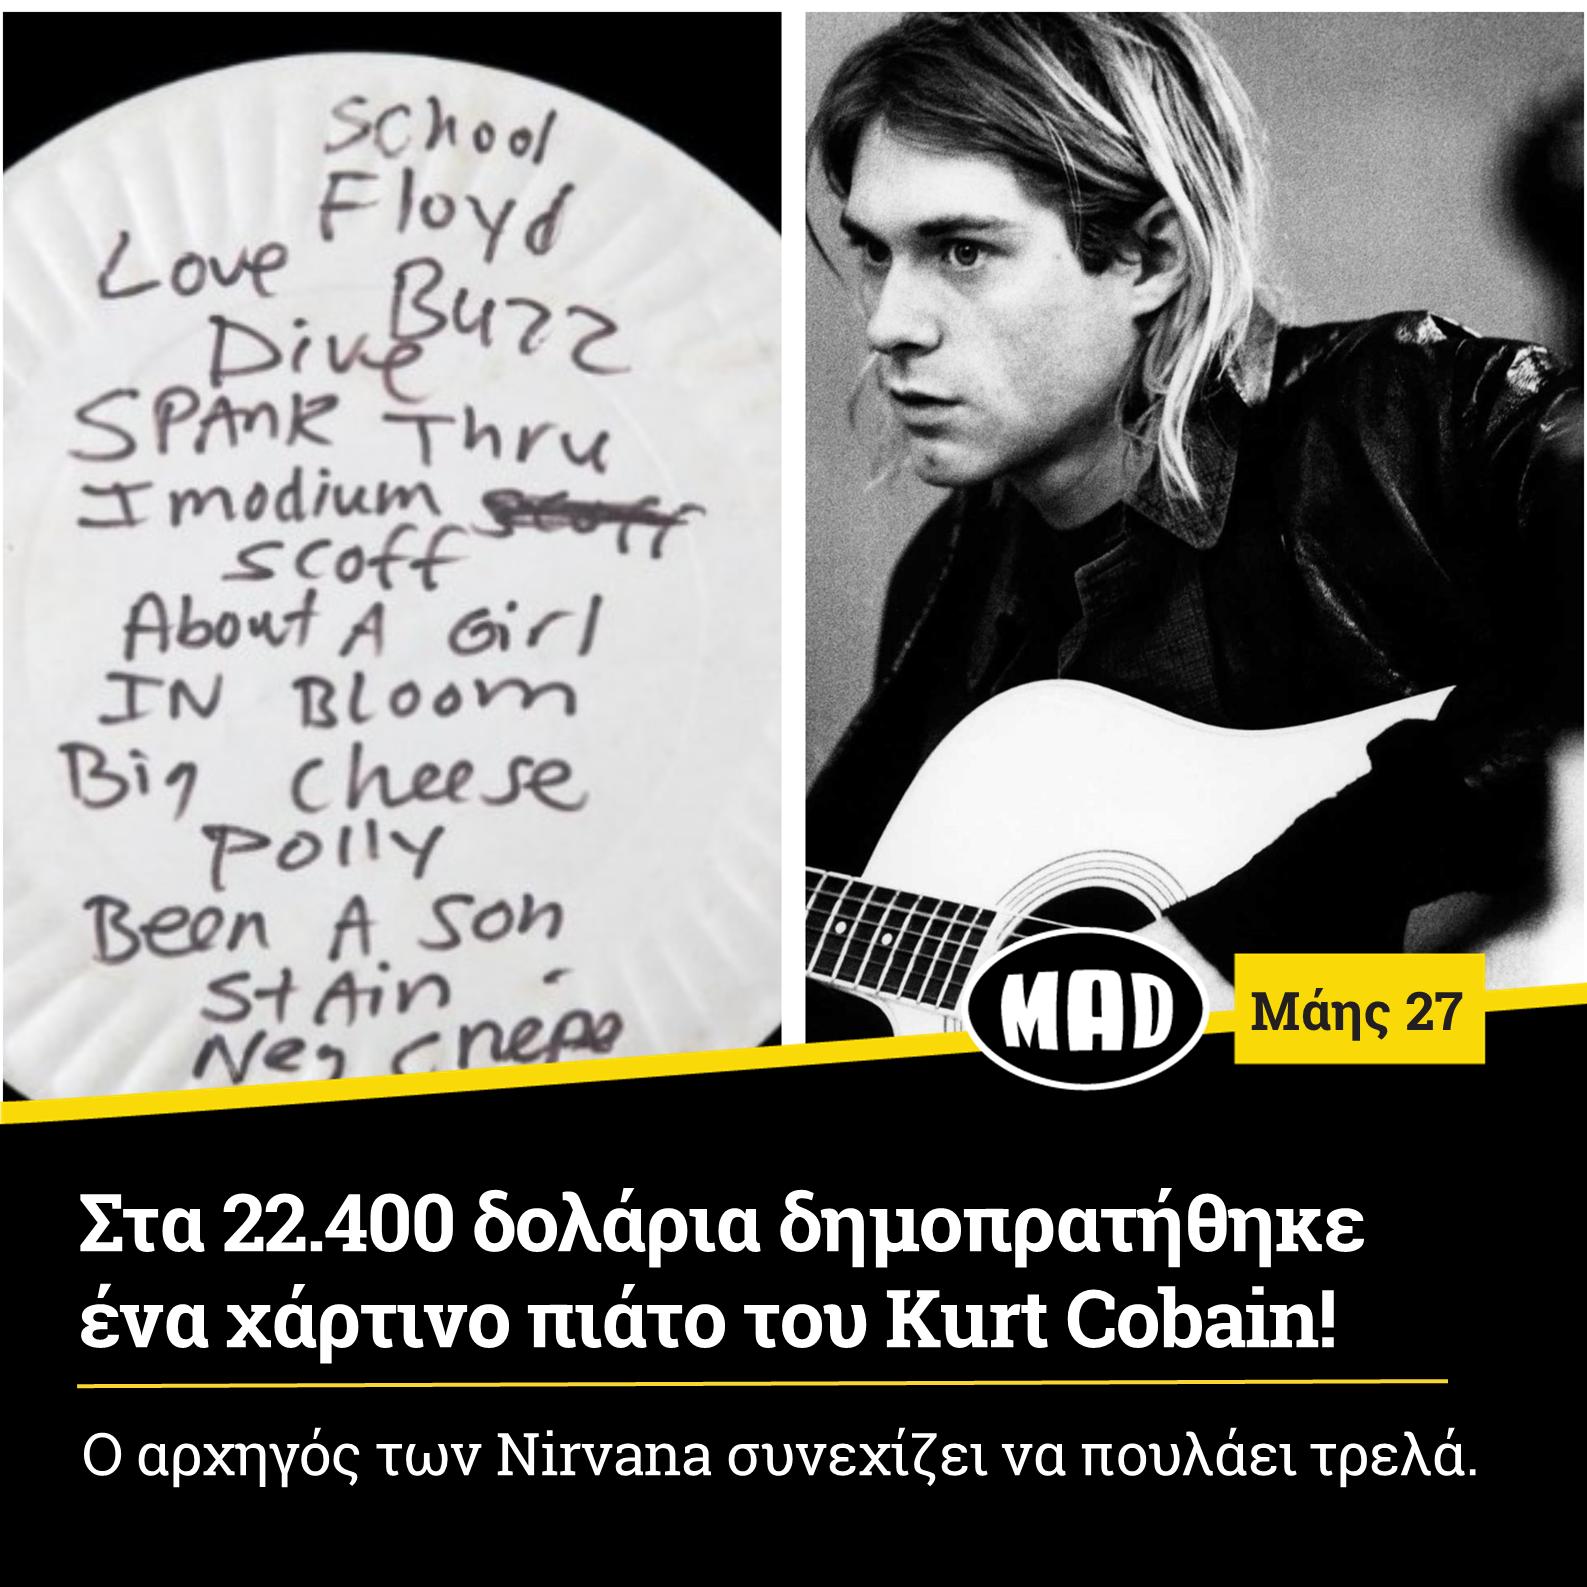 Στα 22.400 δολάρια δημοπρατήθηκε ένα χάρτινο πιάτο του Kurt Cobain!